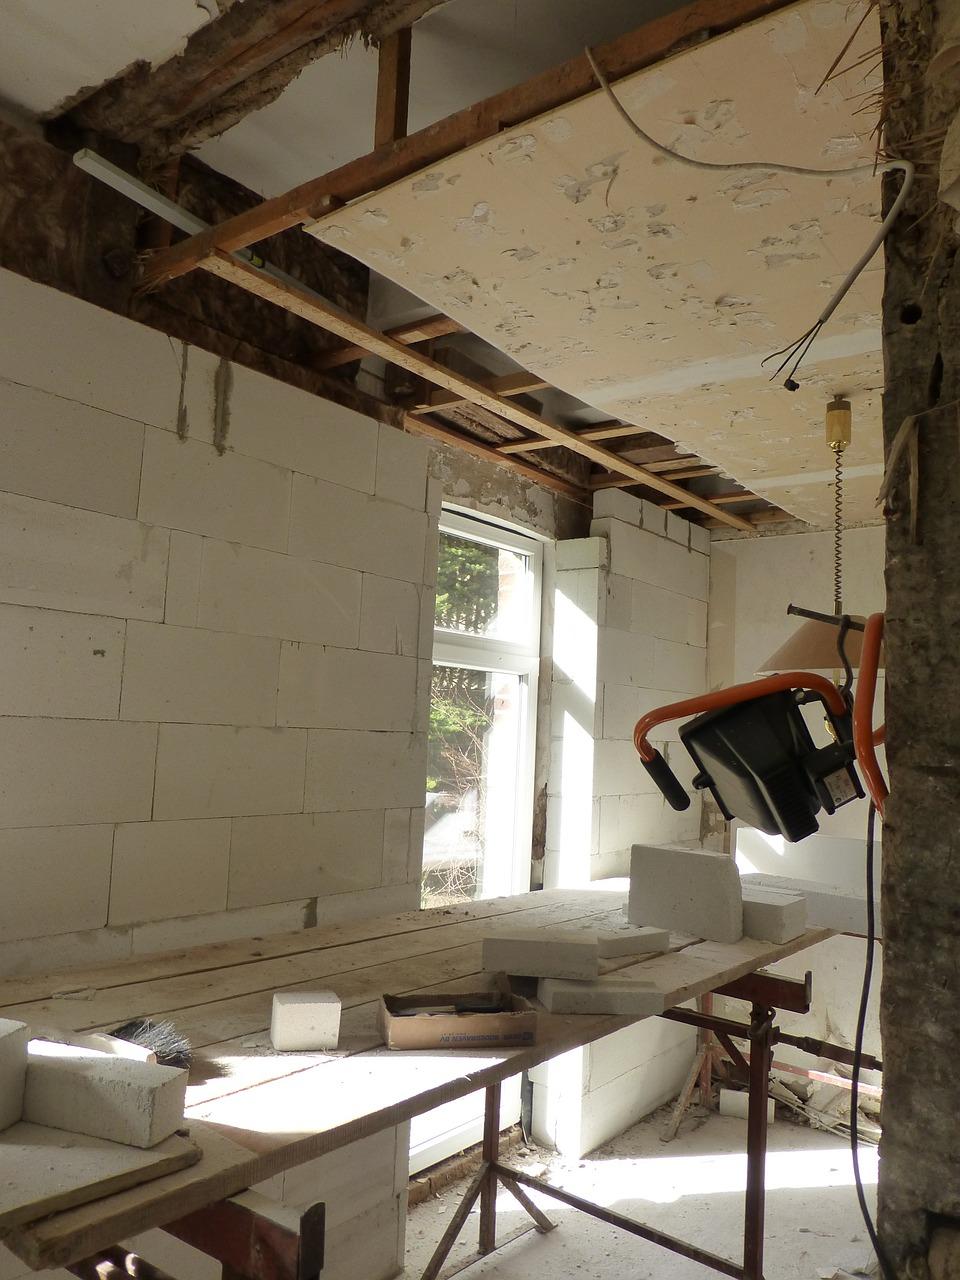 Je potřeba rekonstrukce úplná nebo částečná?